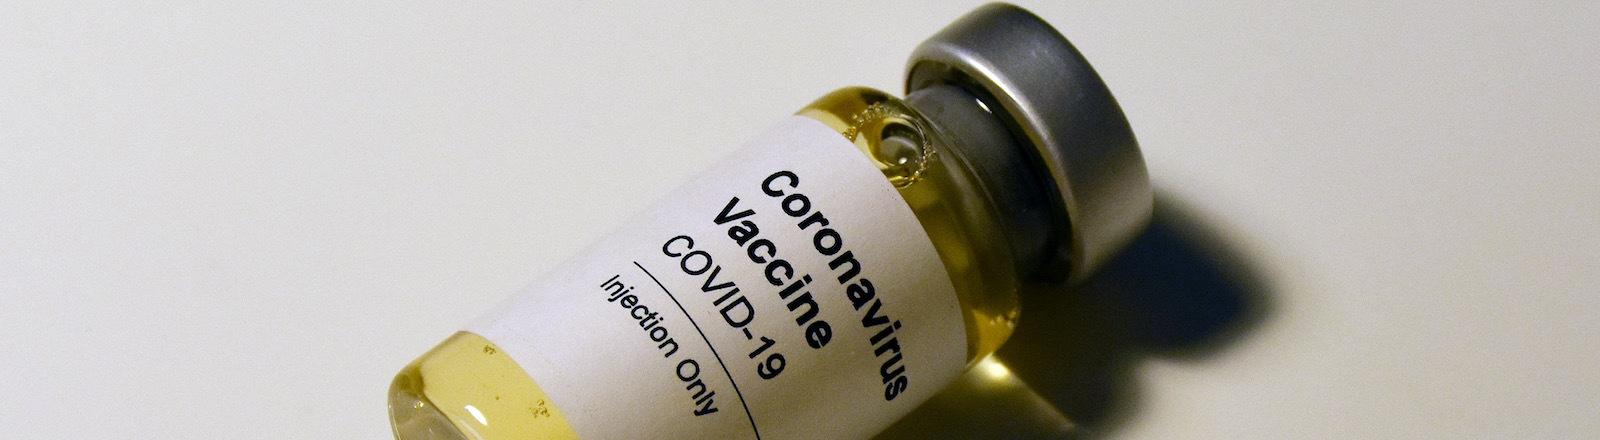 Eine Dose Corona-Impfstoff